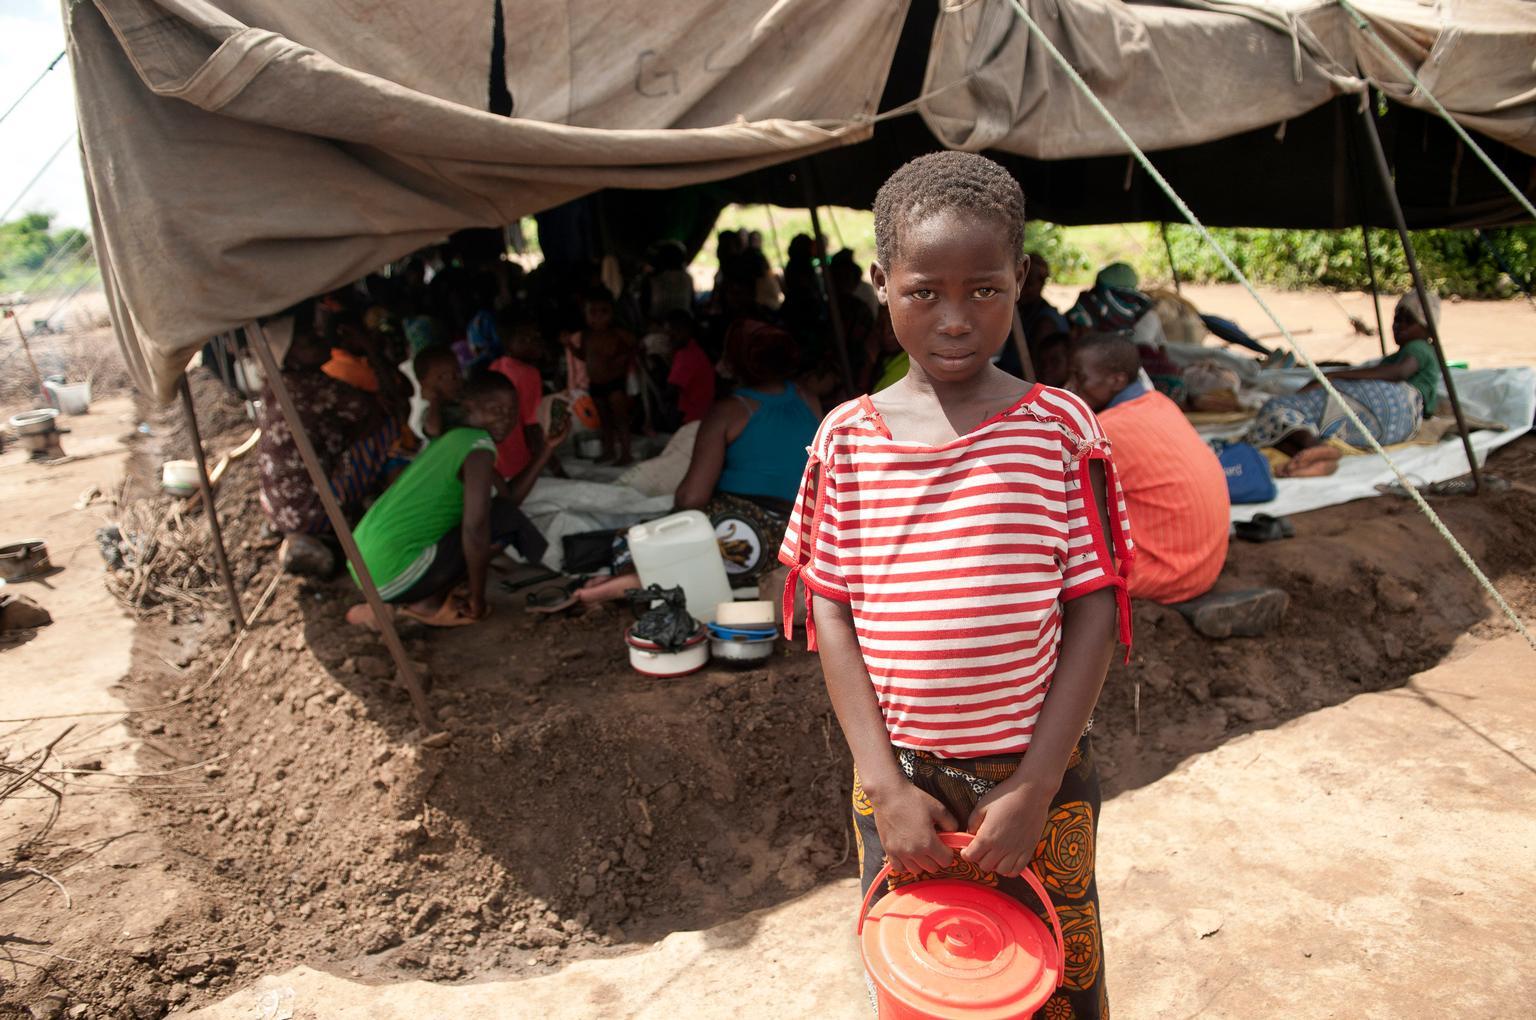 © UNICEF/NYHQ2015-0048/van de Merwe